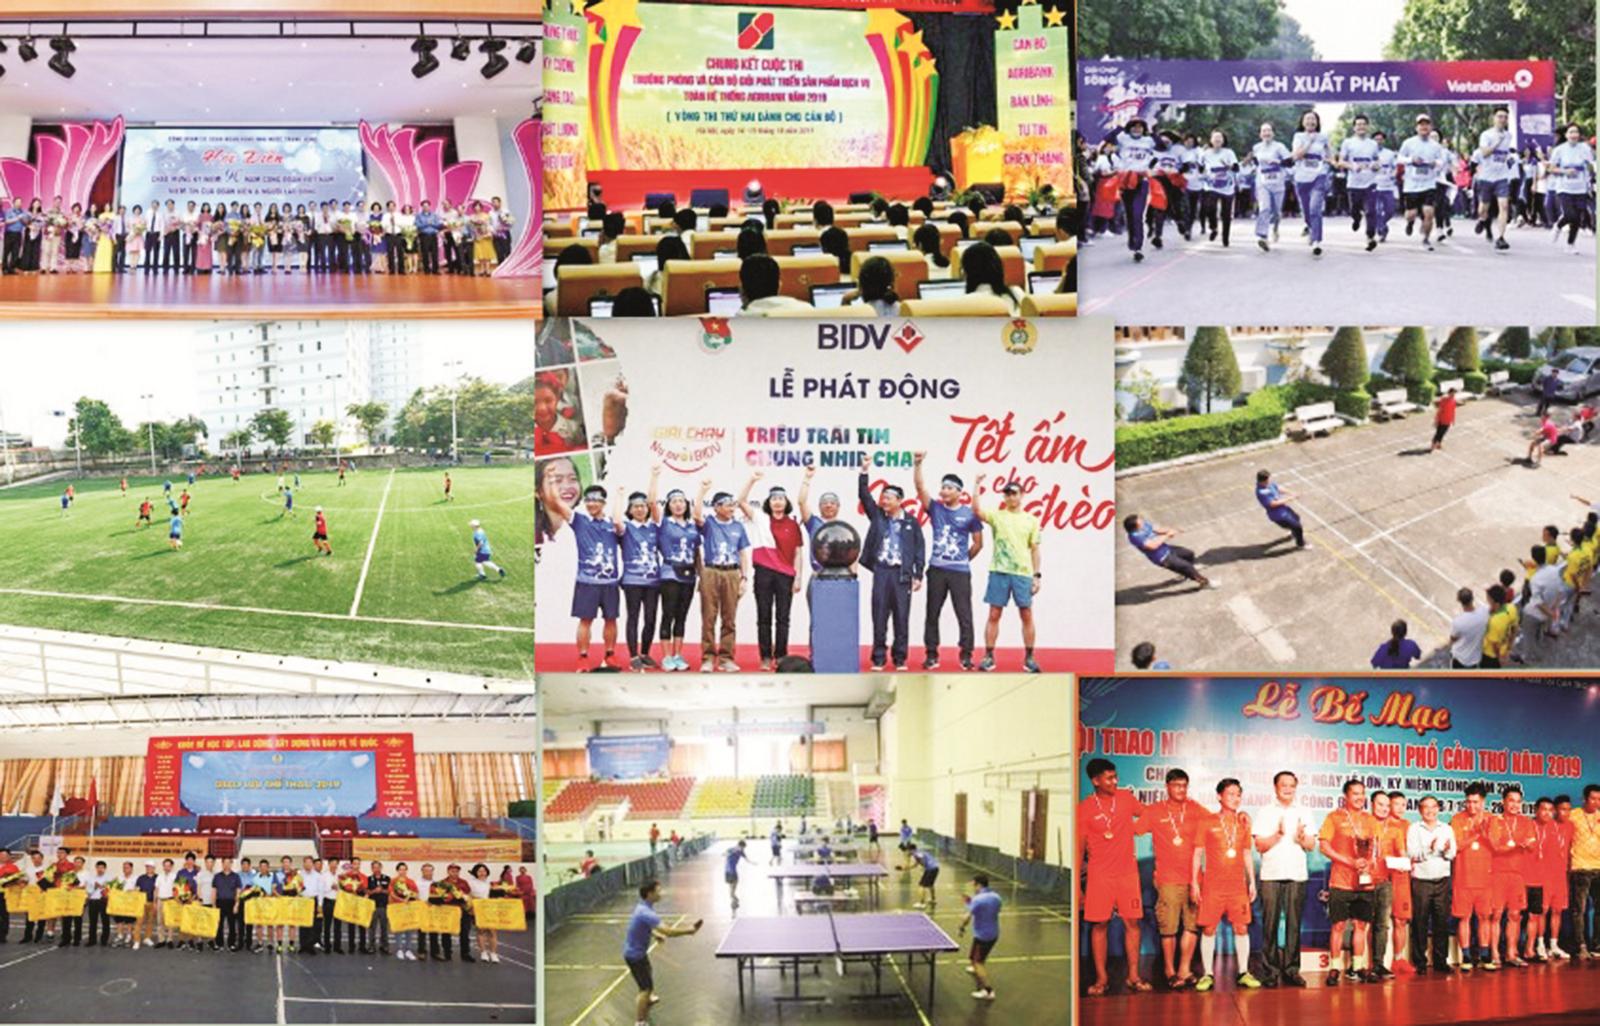 Công đoàn Ngân hàng Việt Nam:Hướng tới kỷ niệm 70 năm ngày thành lập Ngành